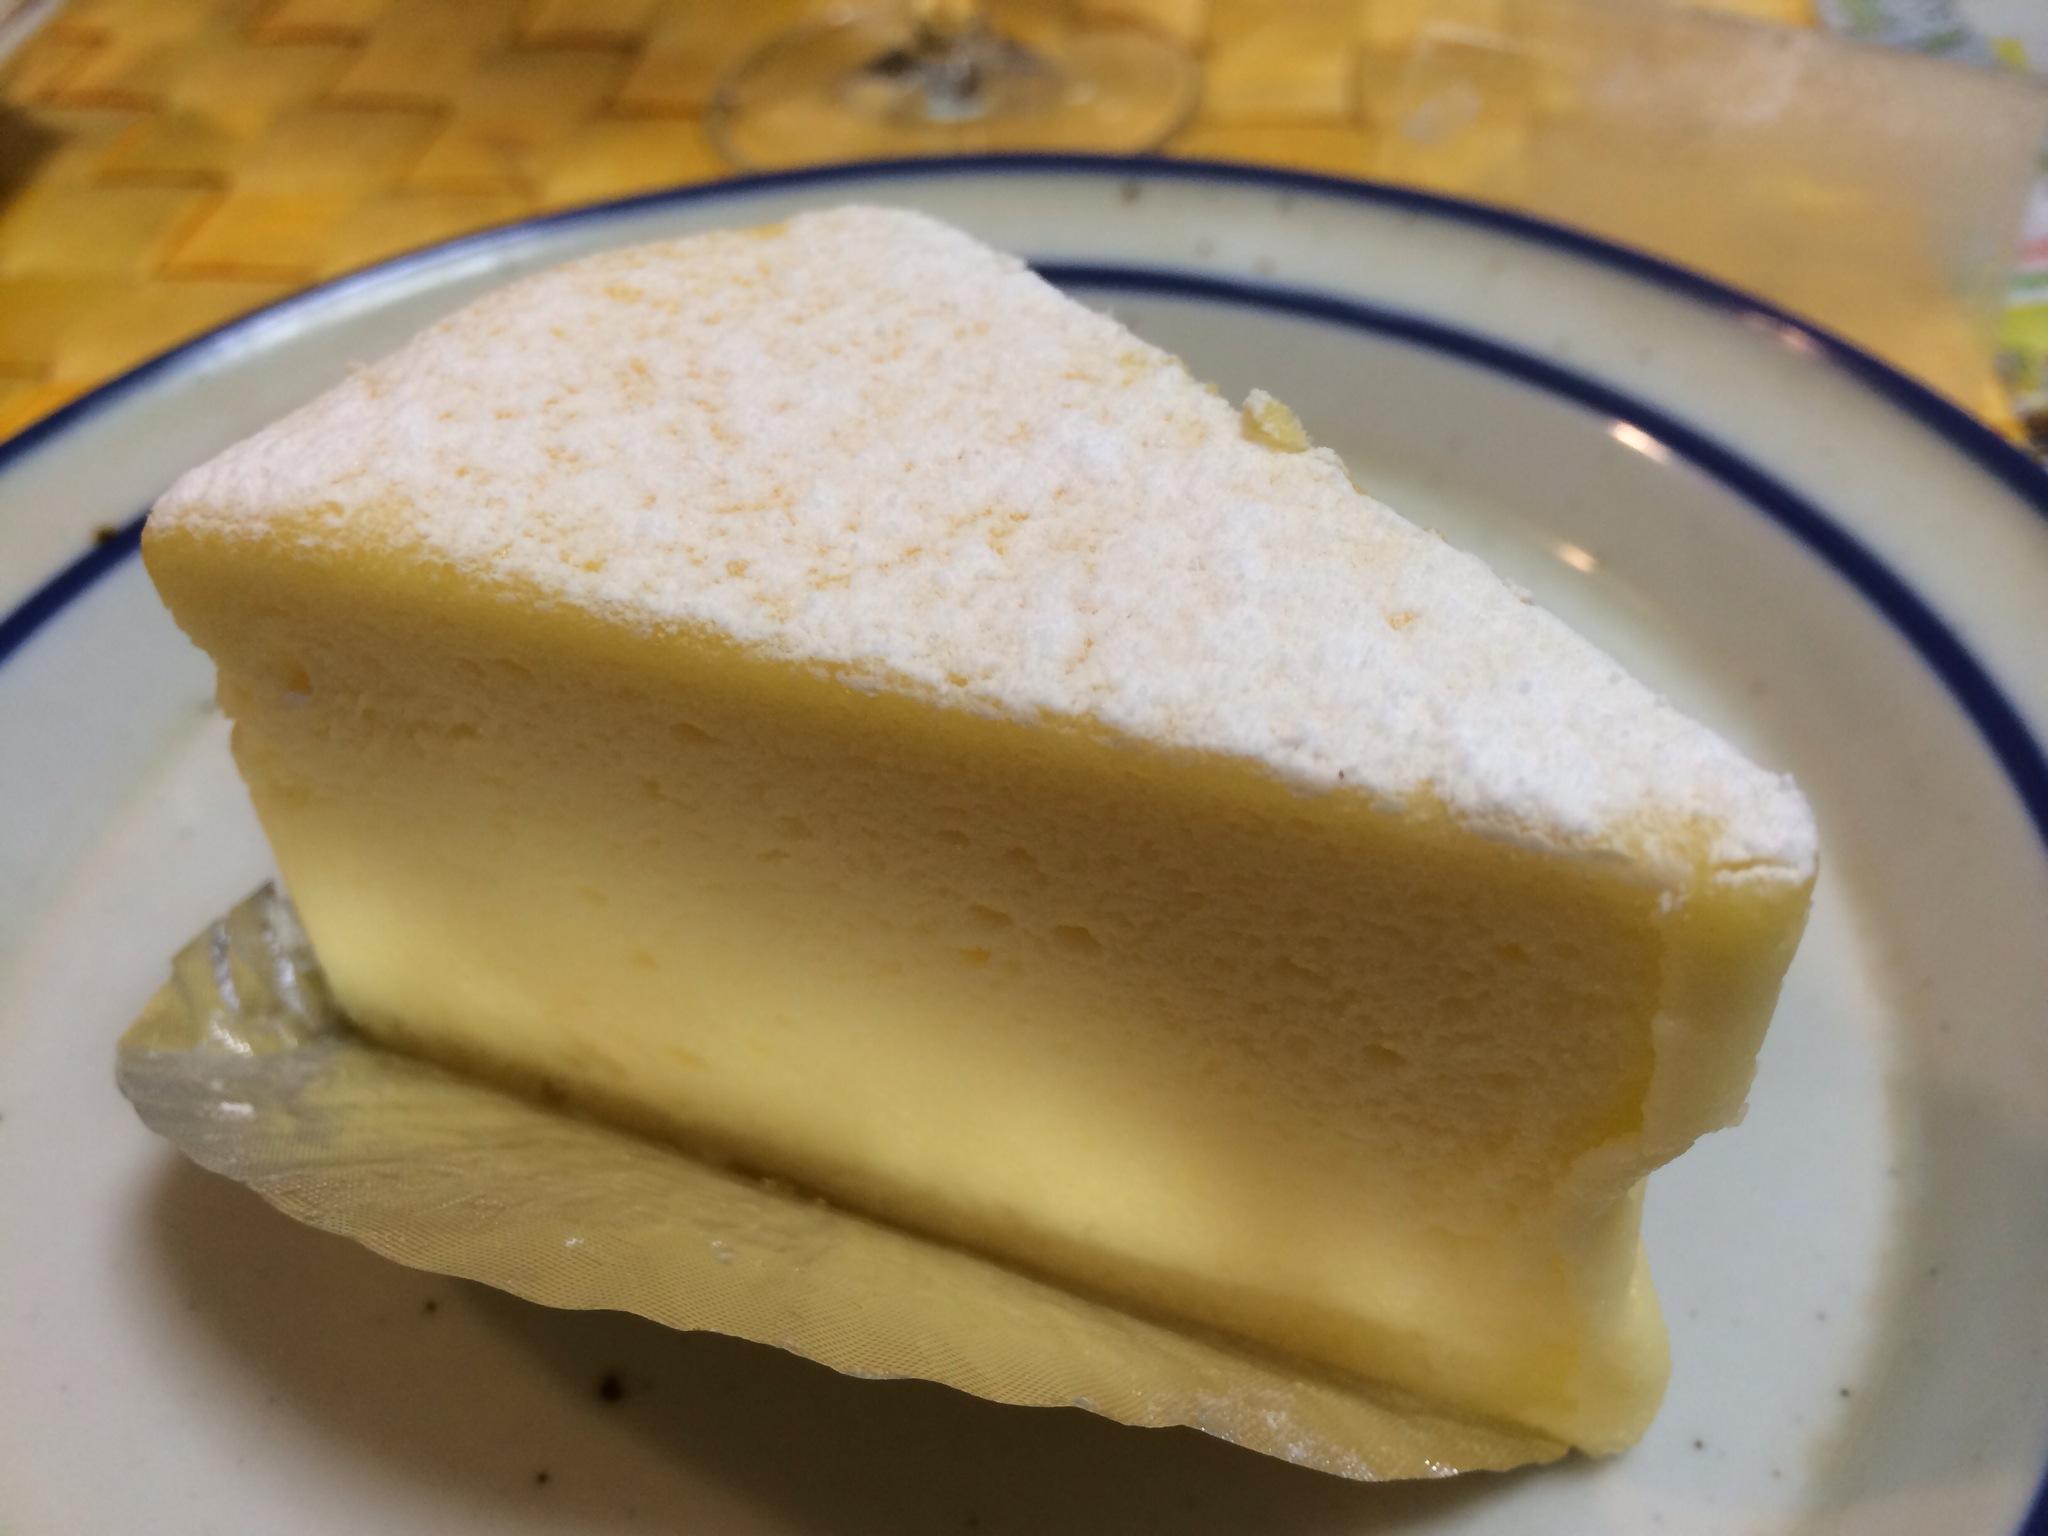 チーズケーキ!昔から好きです!笑